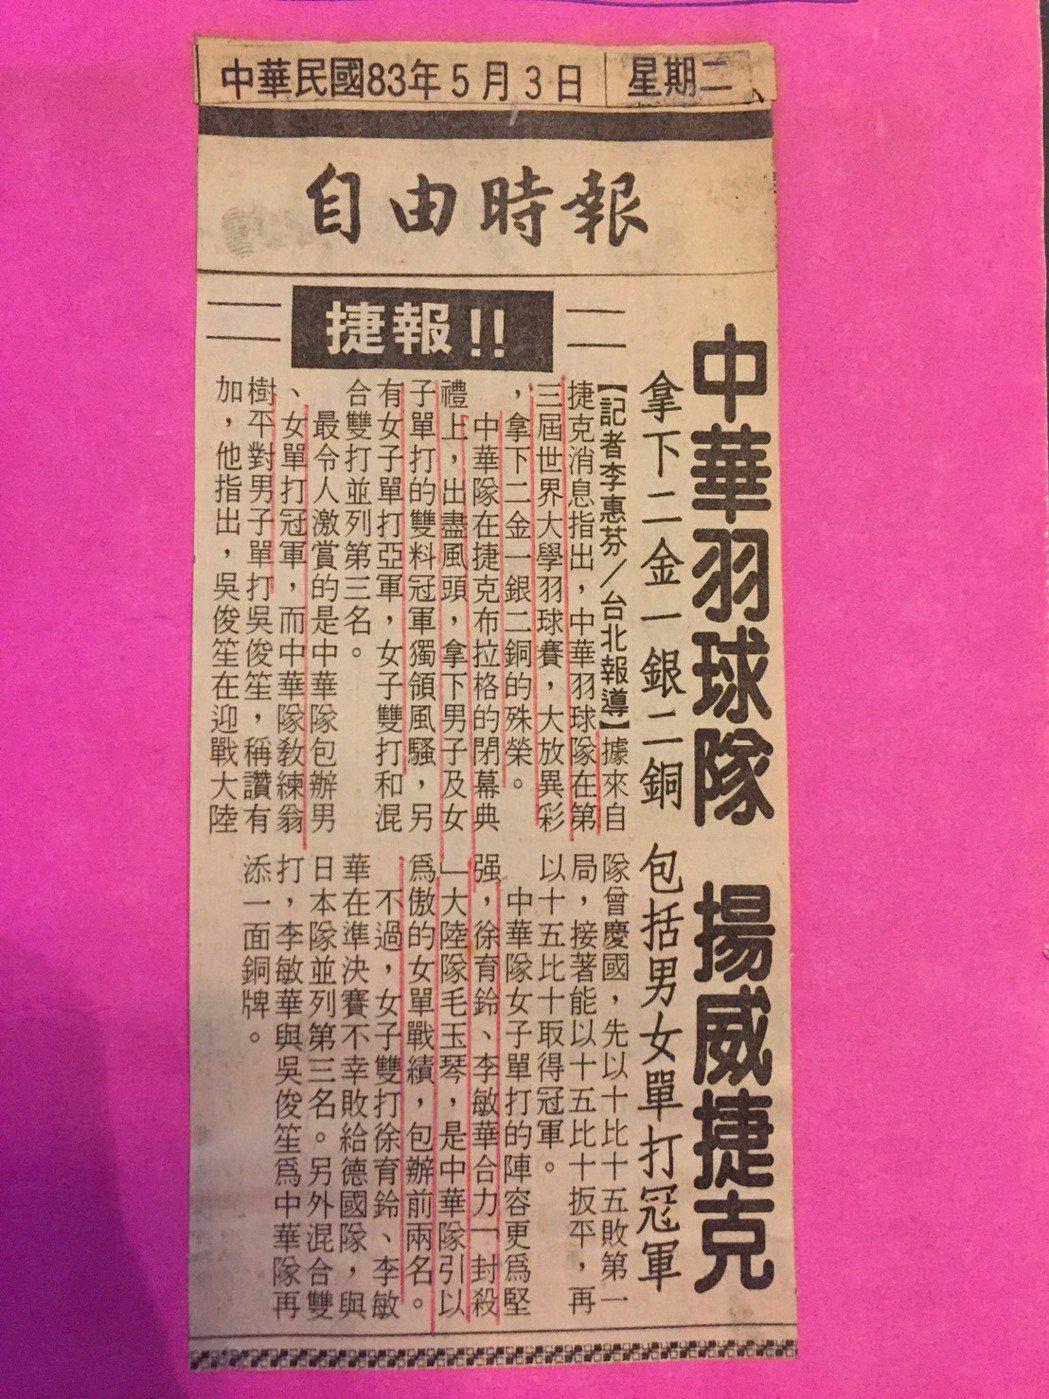 當時報章媒體蜂湧報導此訊,這是台灣的驕傲,也是中台科大的驕傲。 中台科大/提供。